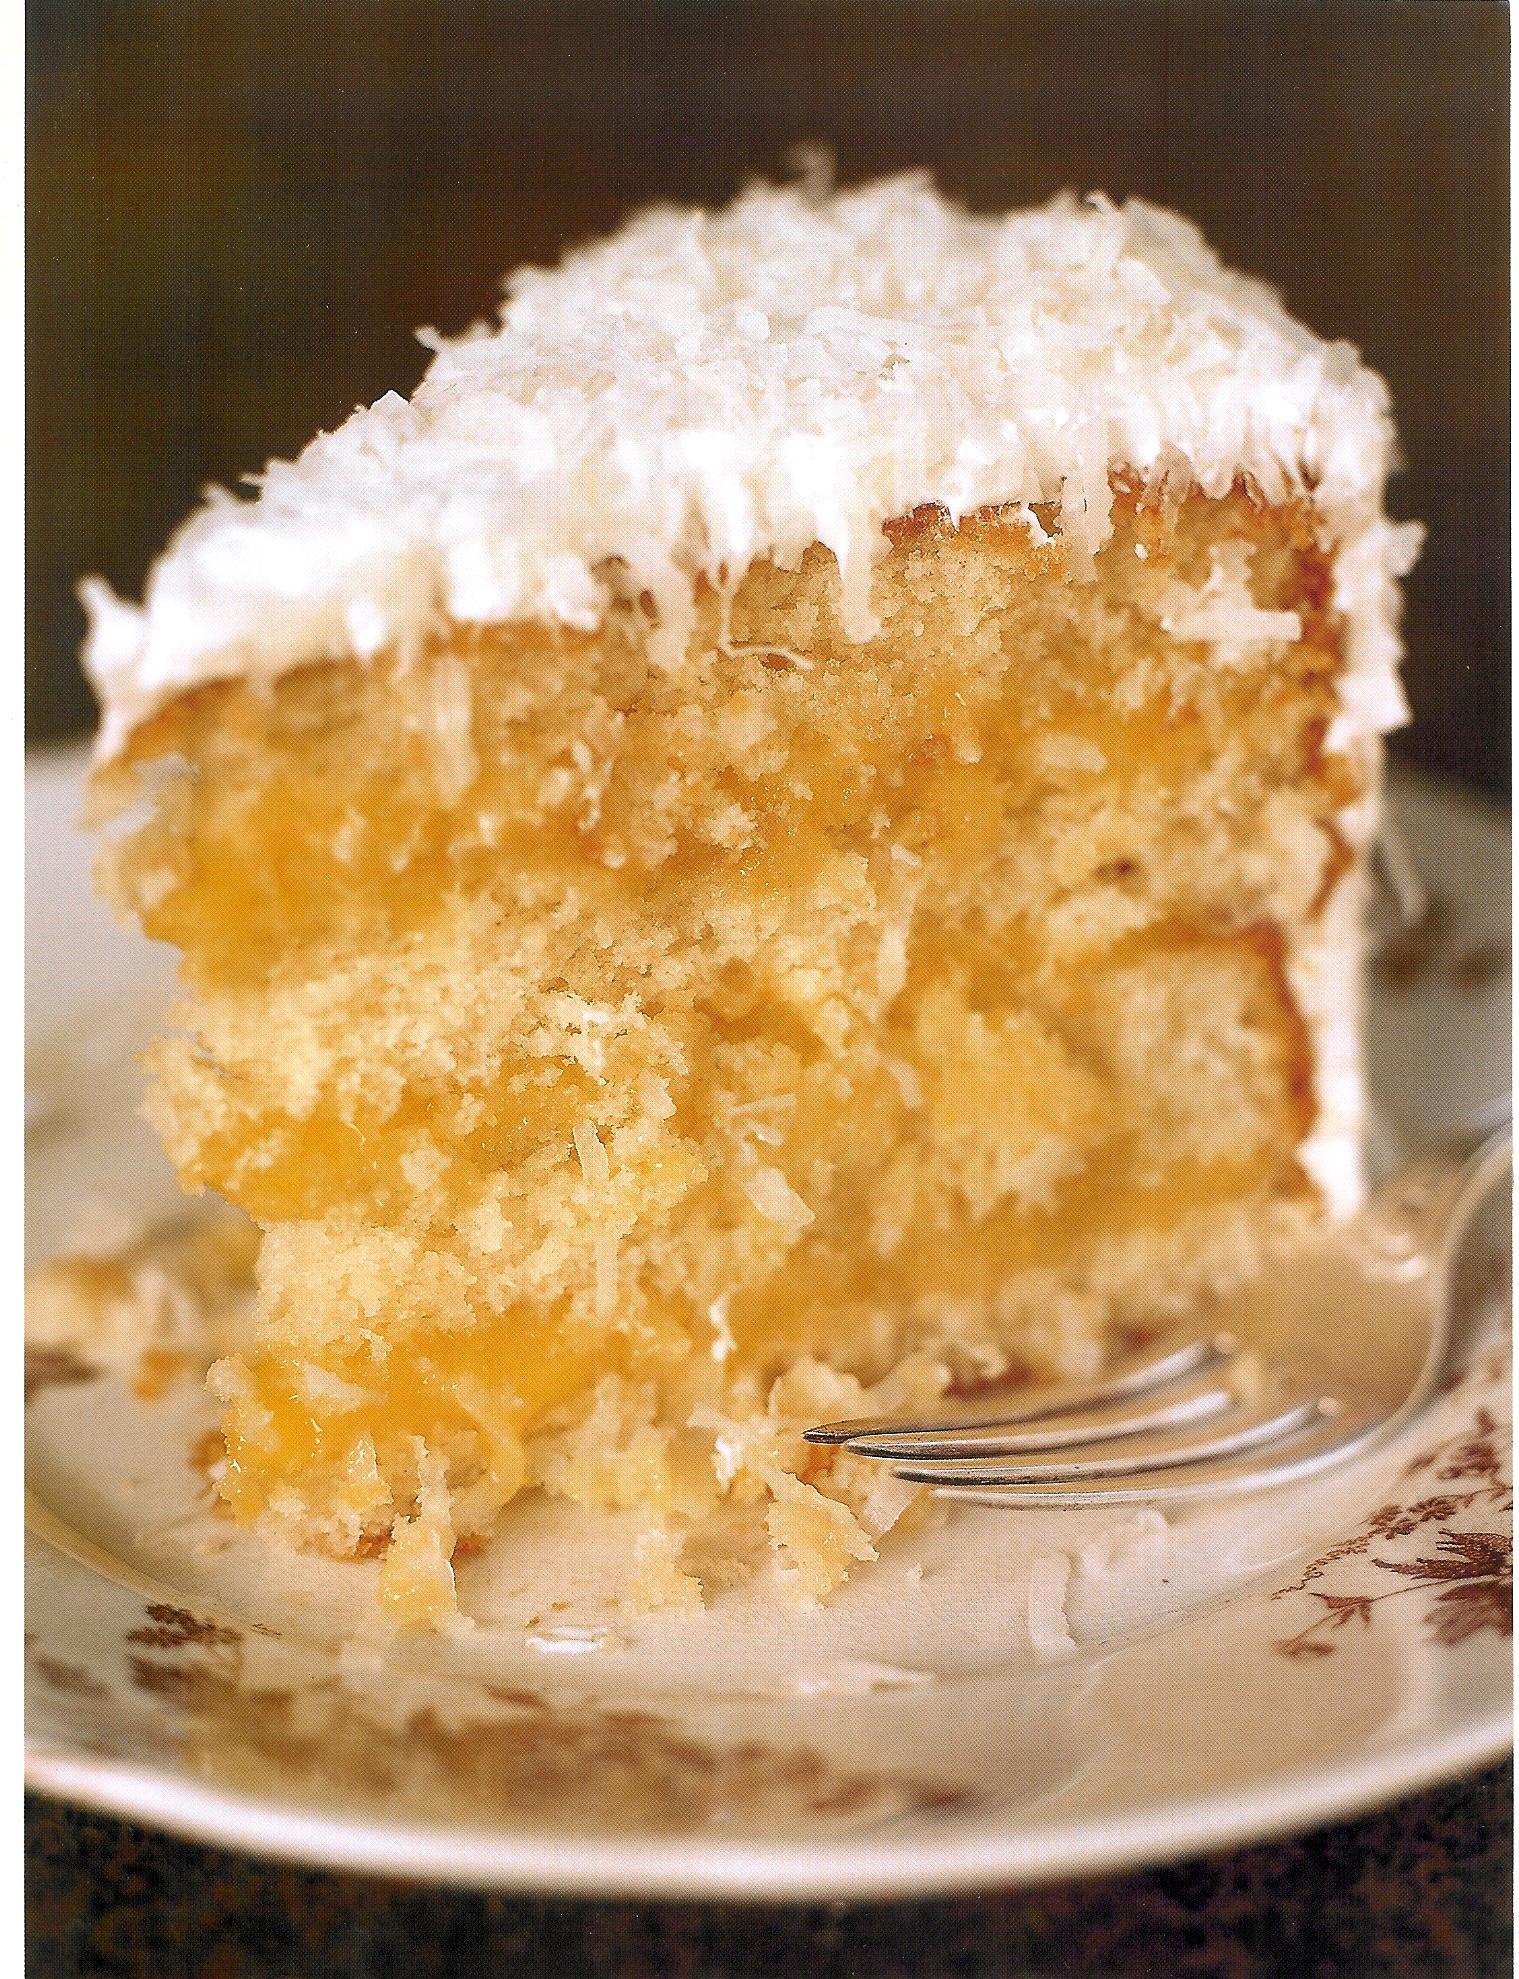 coconut_cake copy.jpg